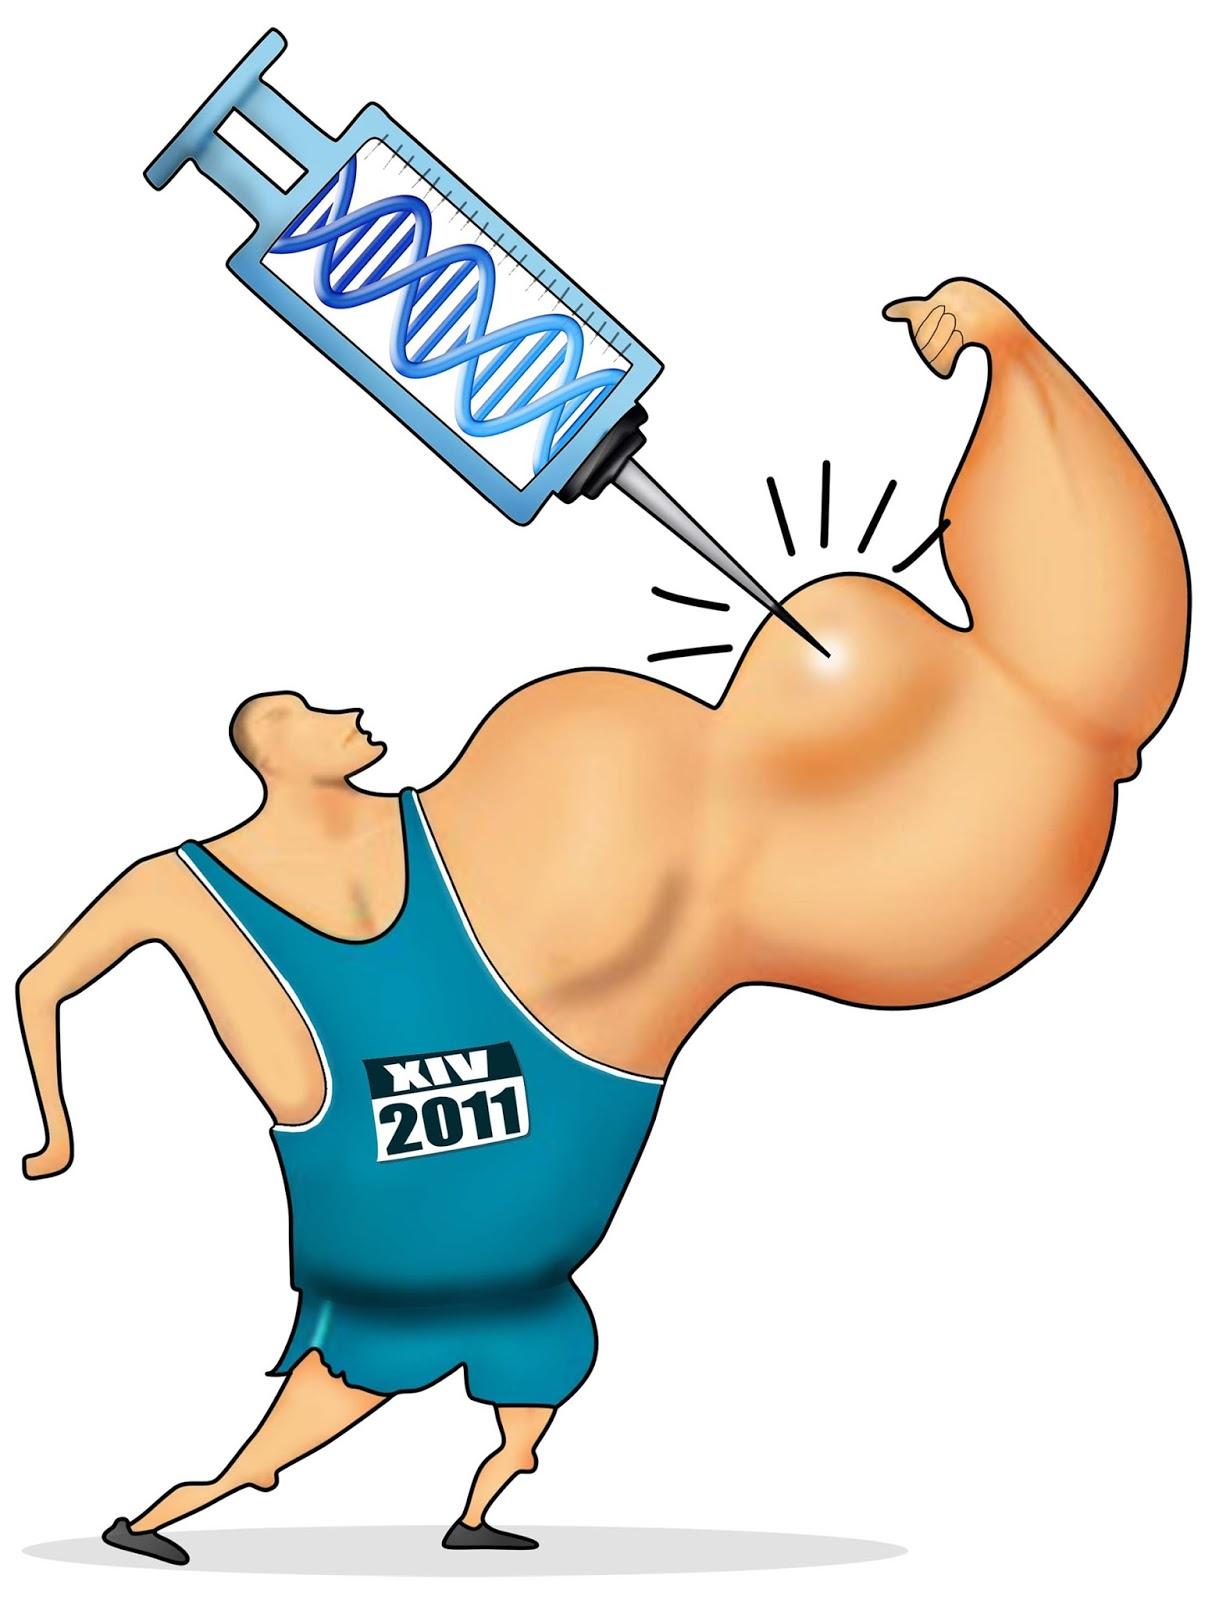 Que exercícios devem ser feitos para aumentar o membro